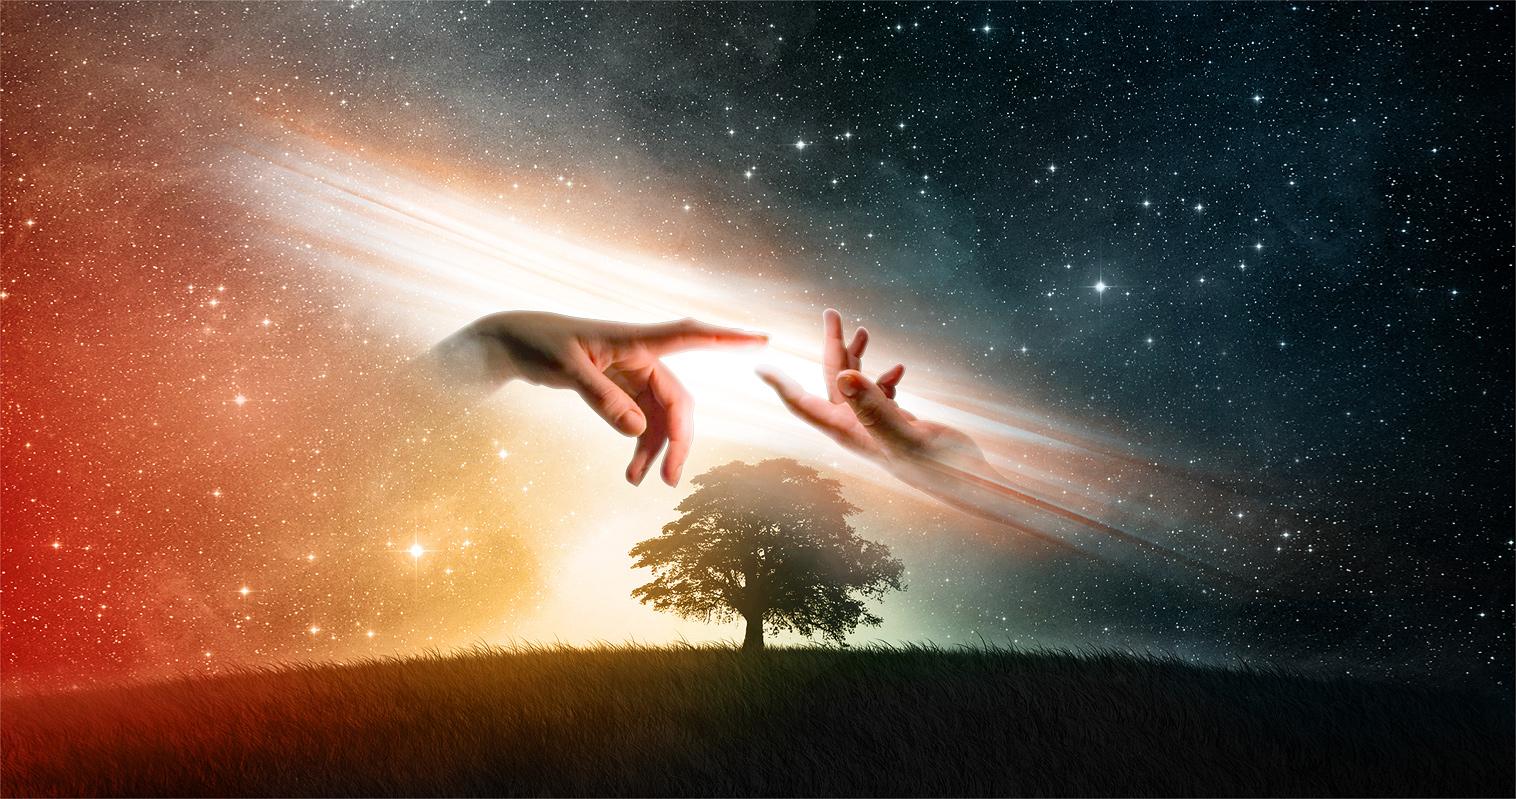 НОВОСТИ ВСЕЛЕННОЙ | Изменения в околоземных пространствах.                                                         Moya-filosofiya-v2.orig_